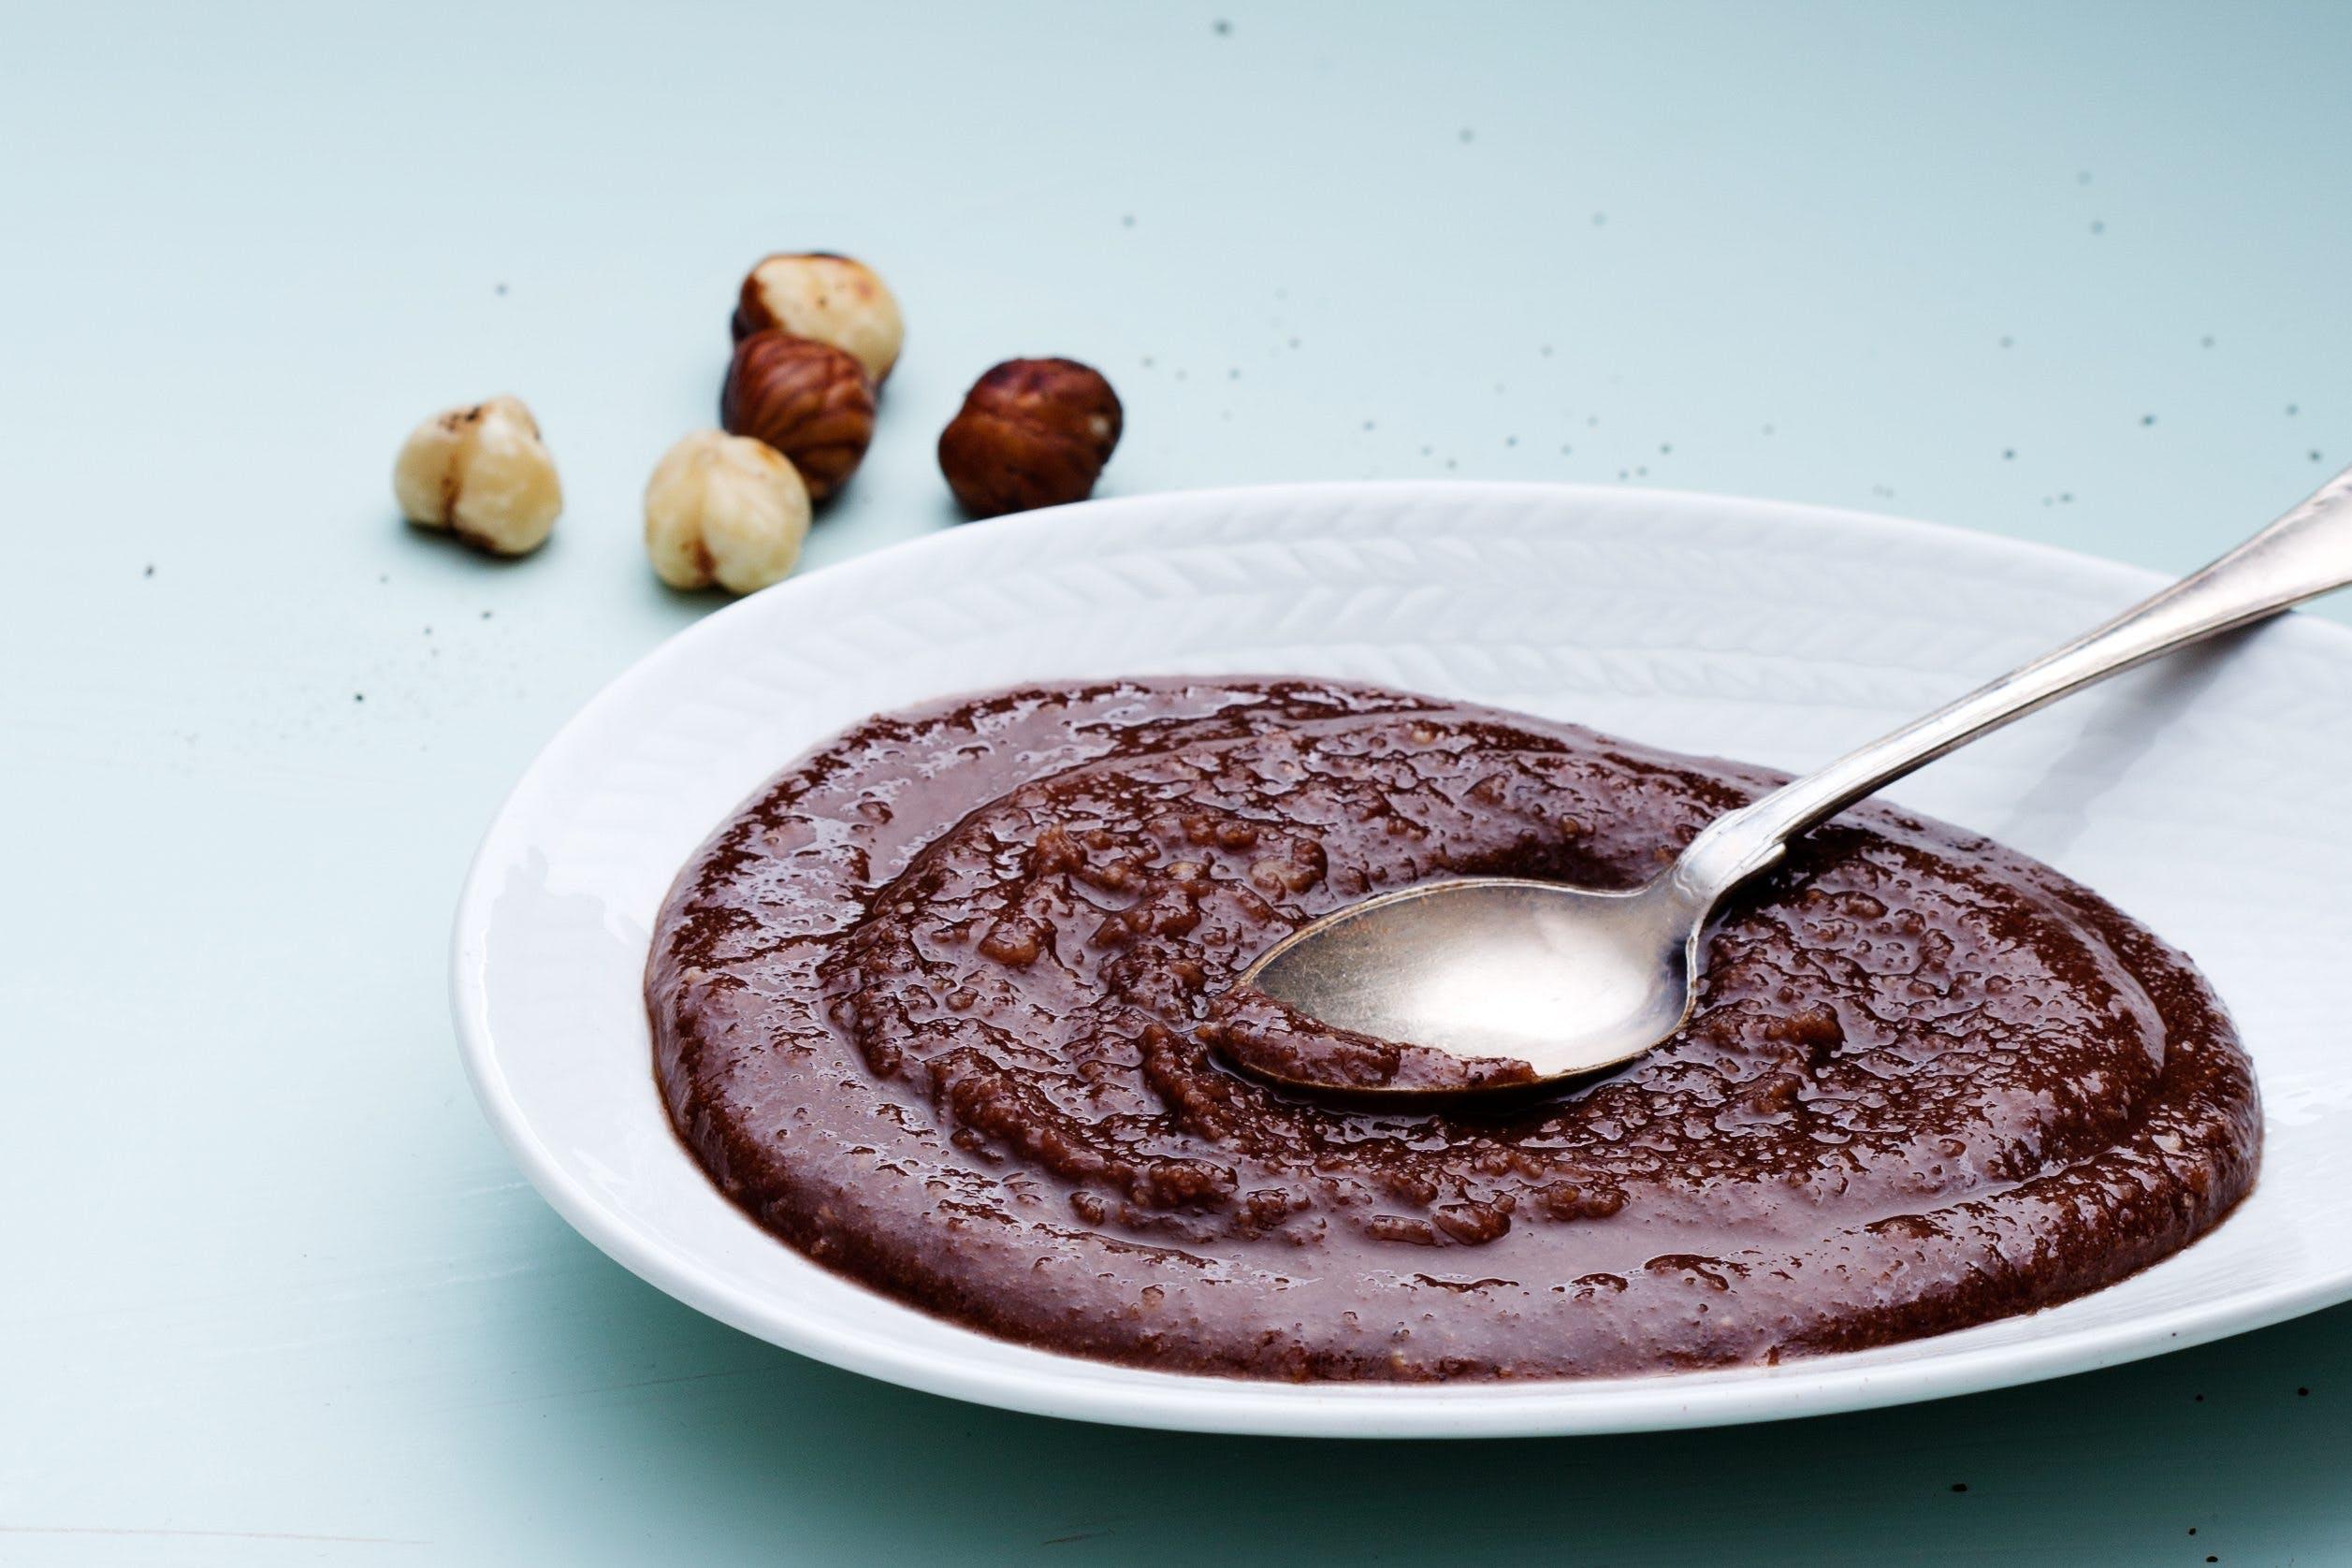 Keto chocolate and hazelnut spread